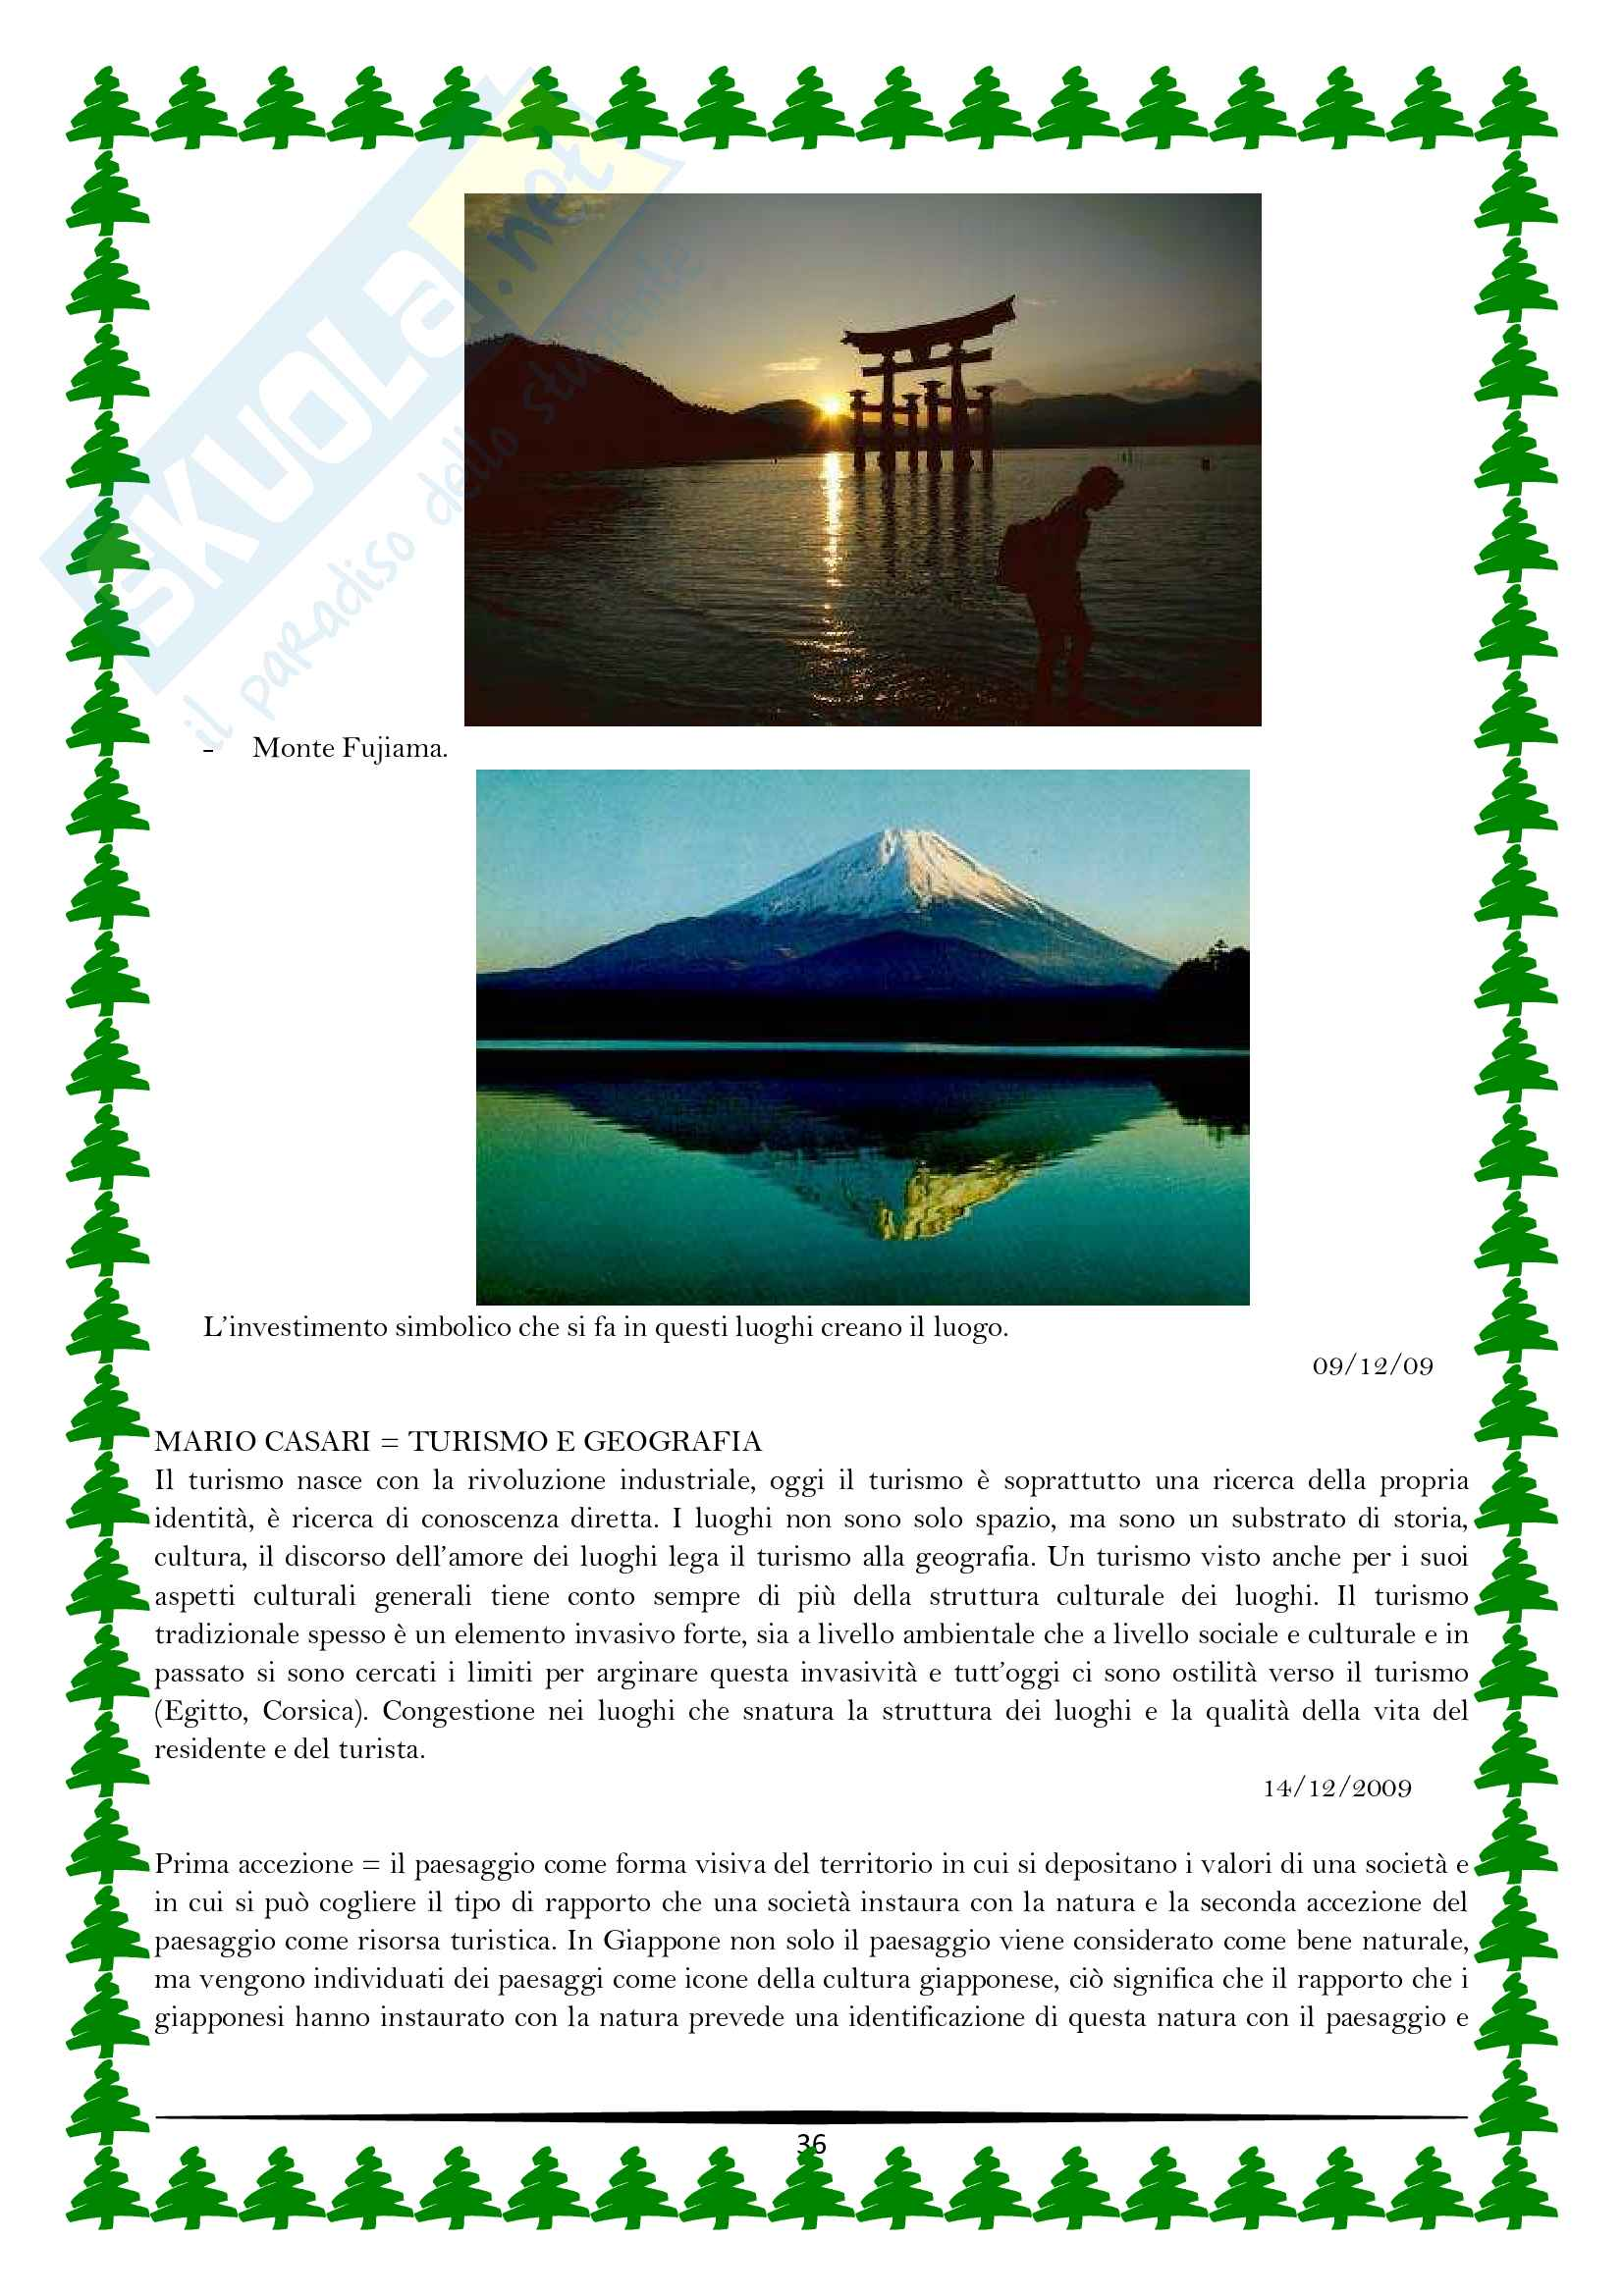 Geografia dell'ambiente e del turismo Pag. 36